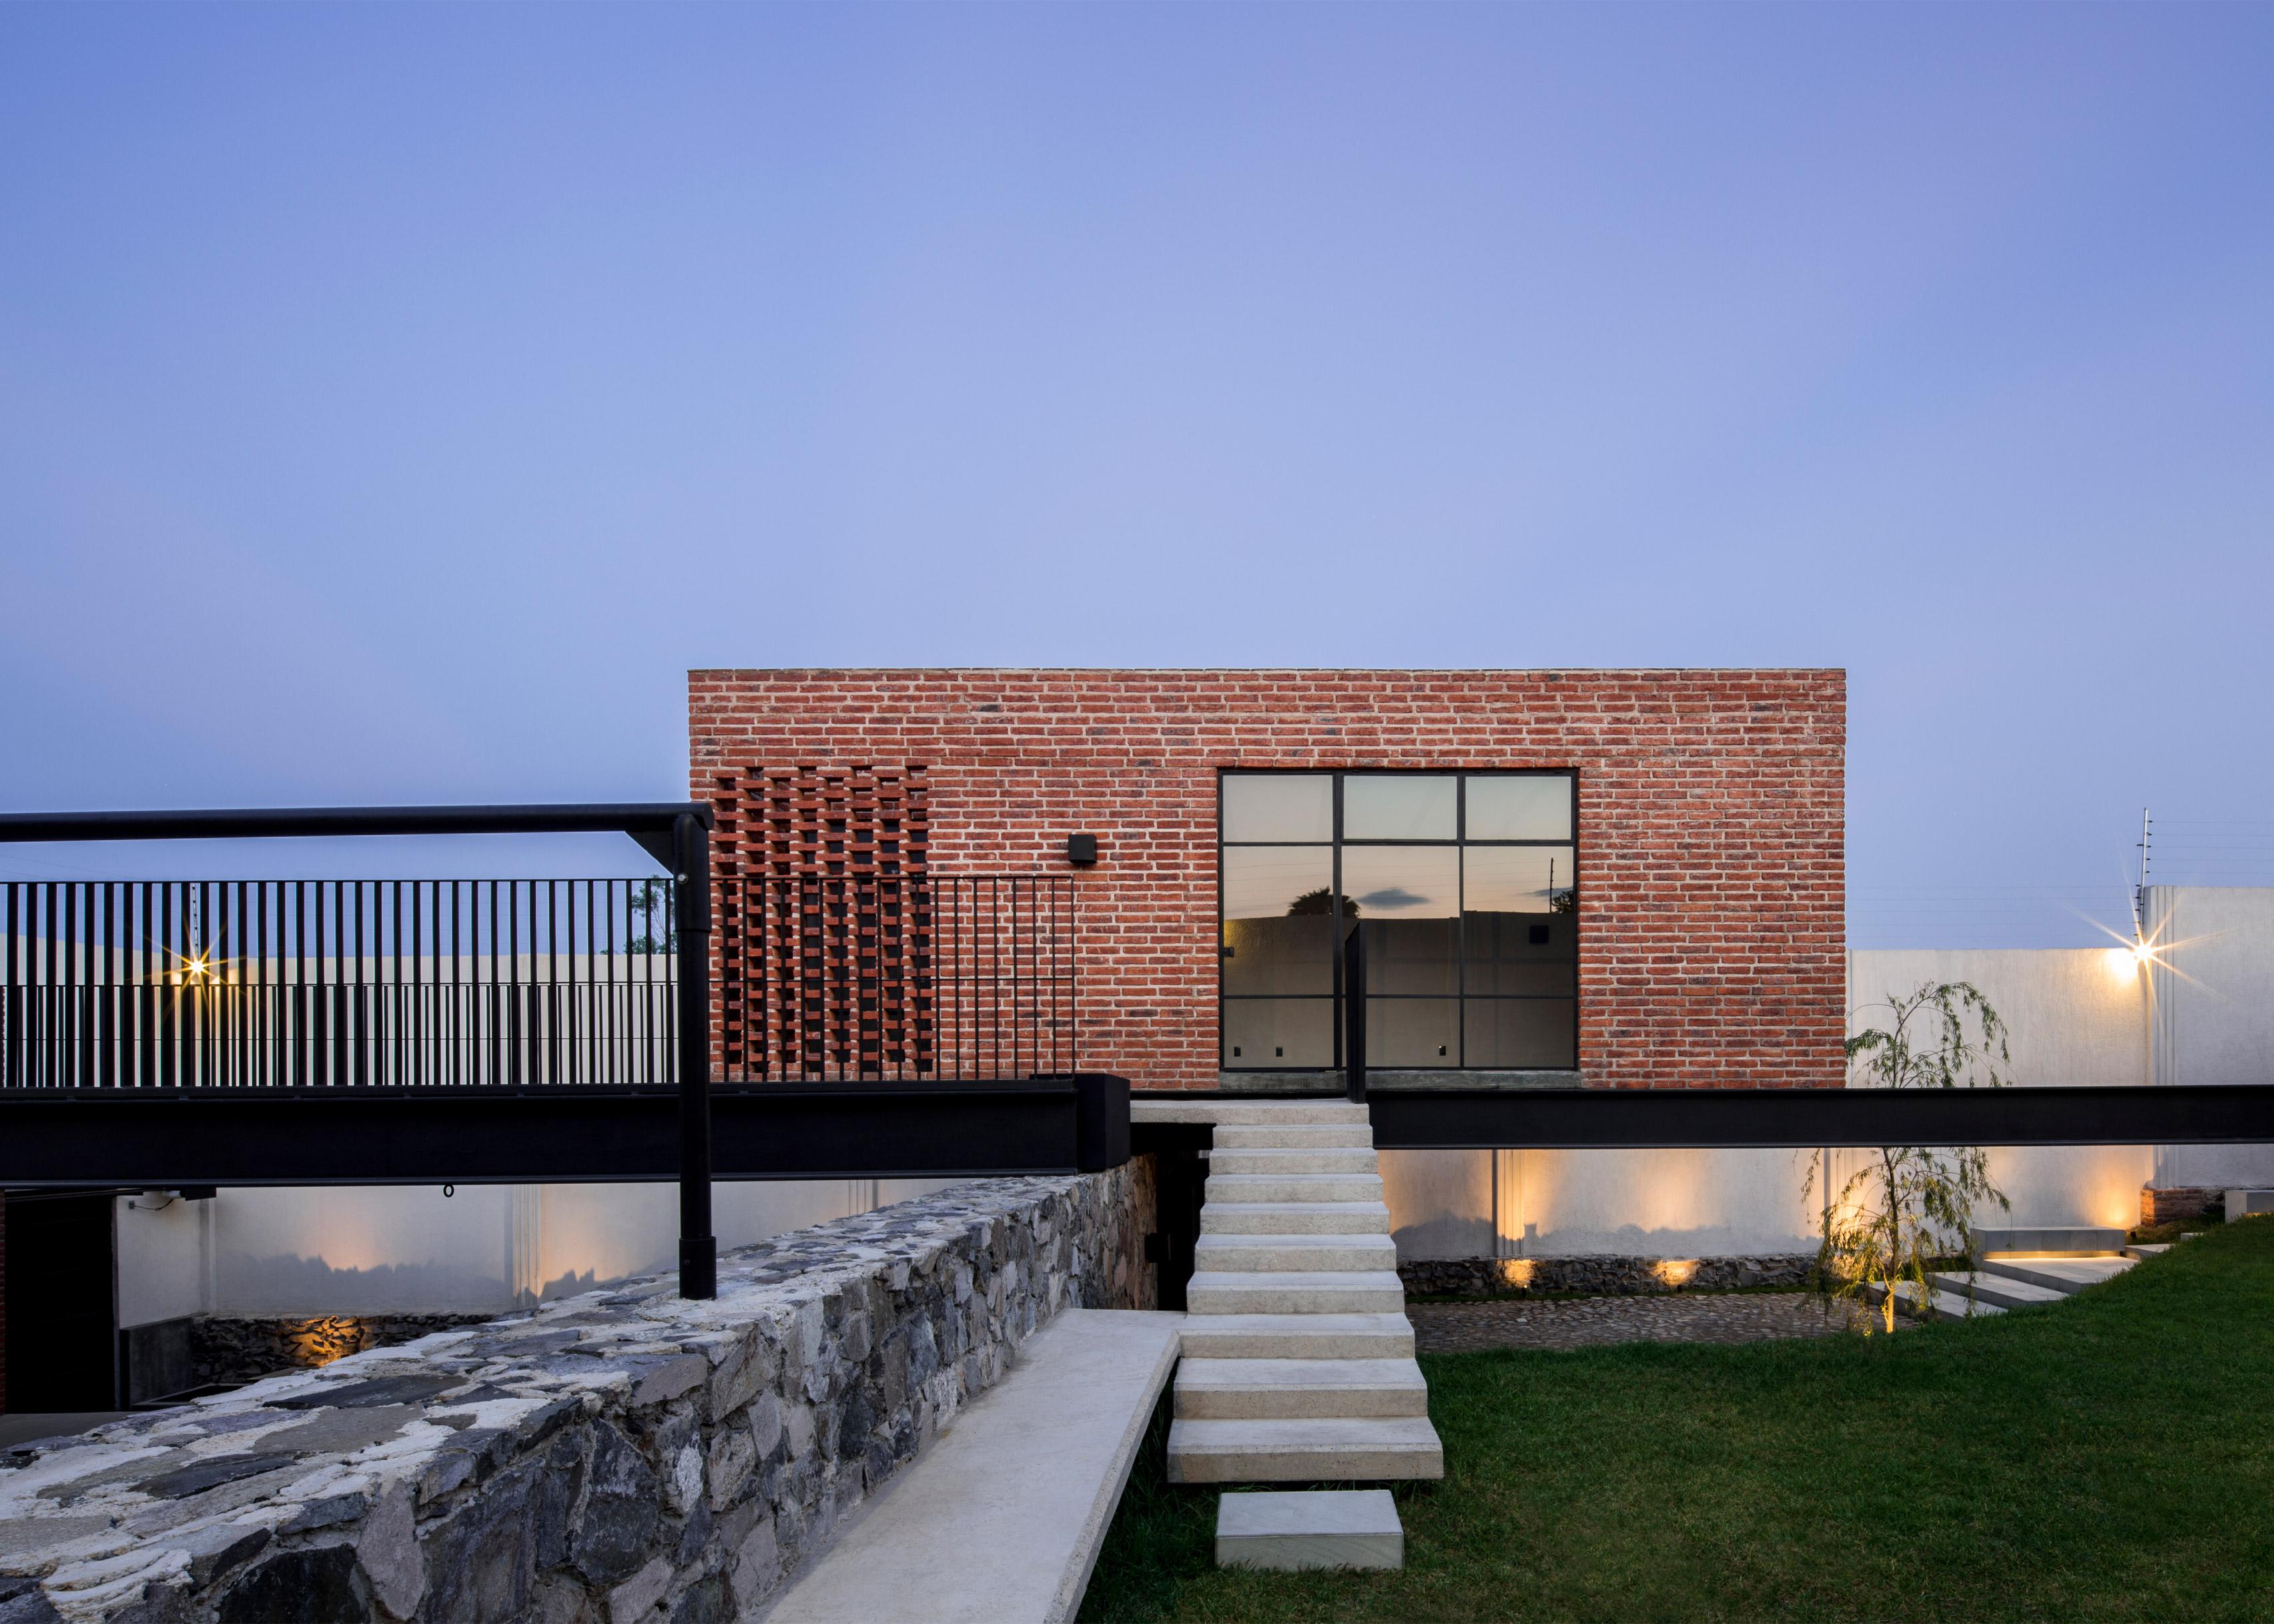 Delfino Lozano\'s Casa G features an elevated brick games room